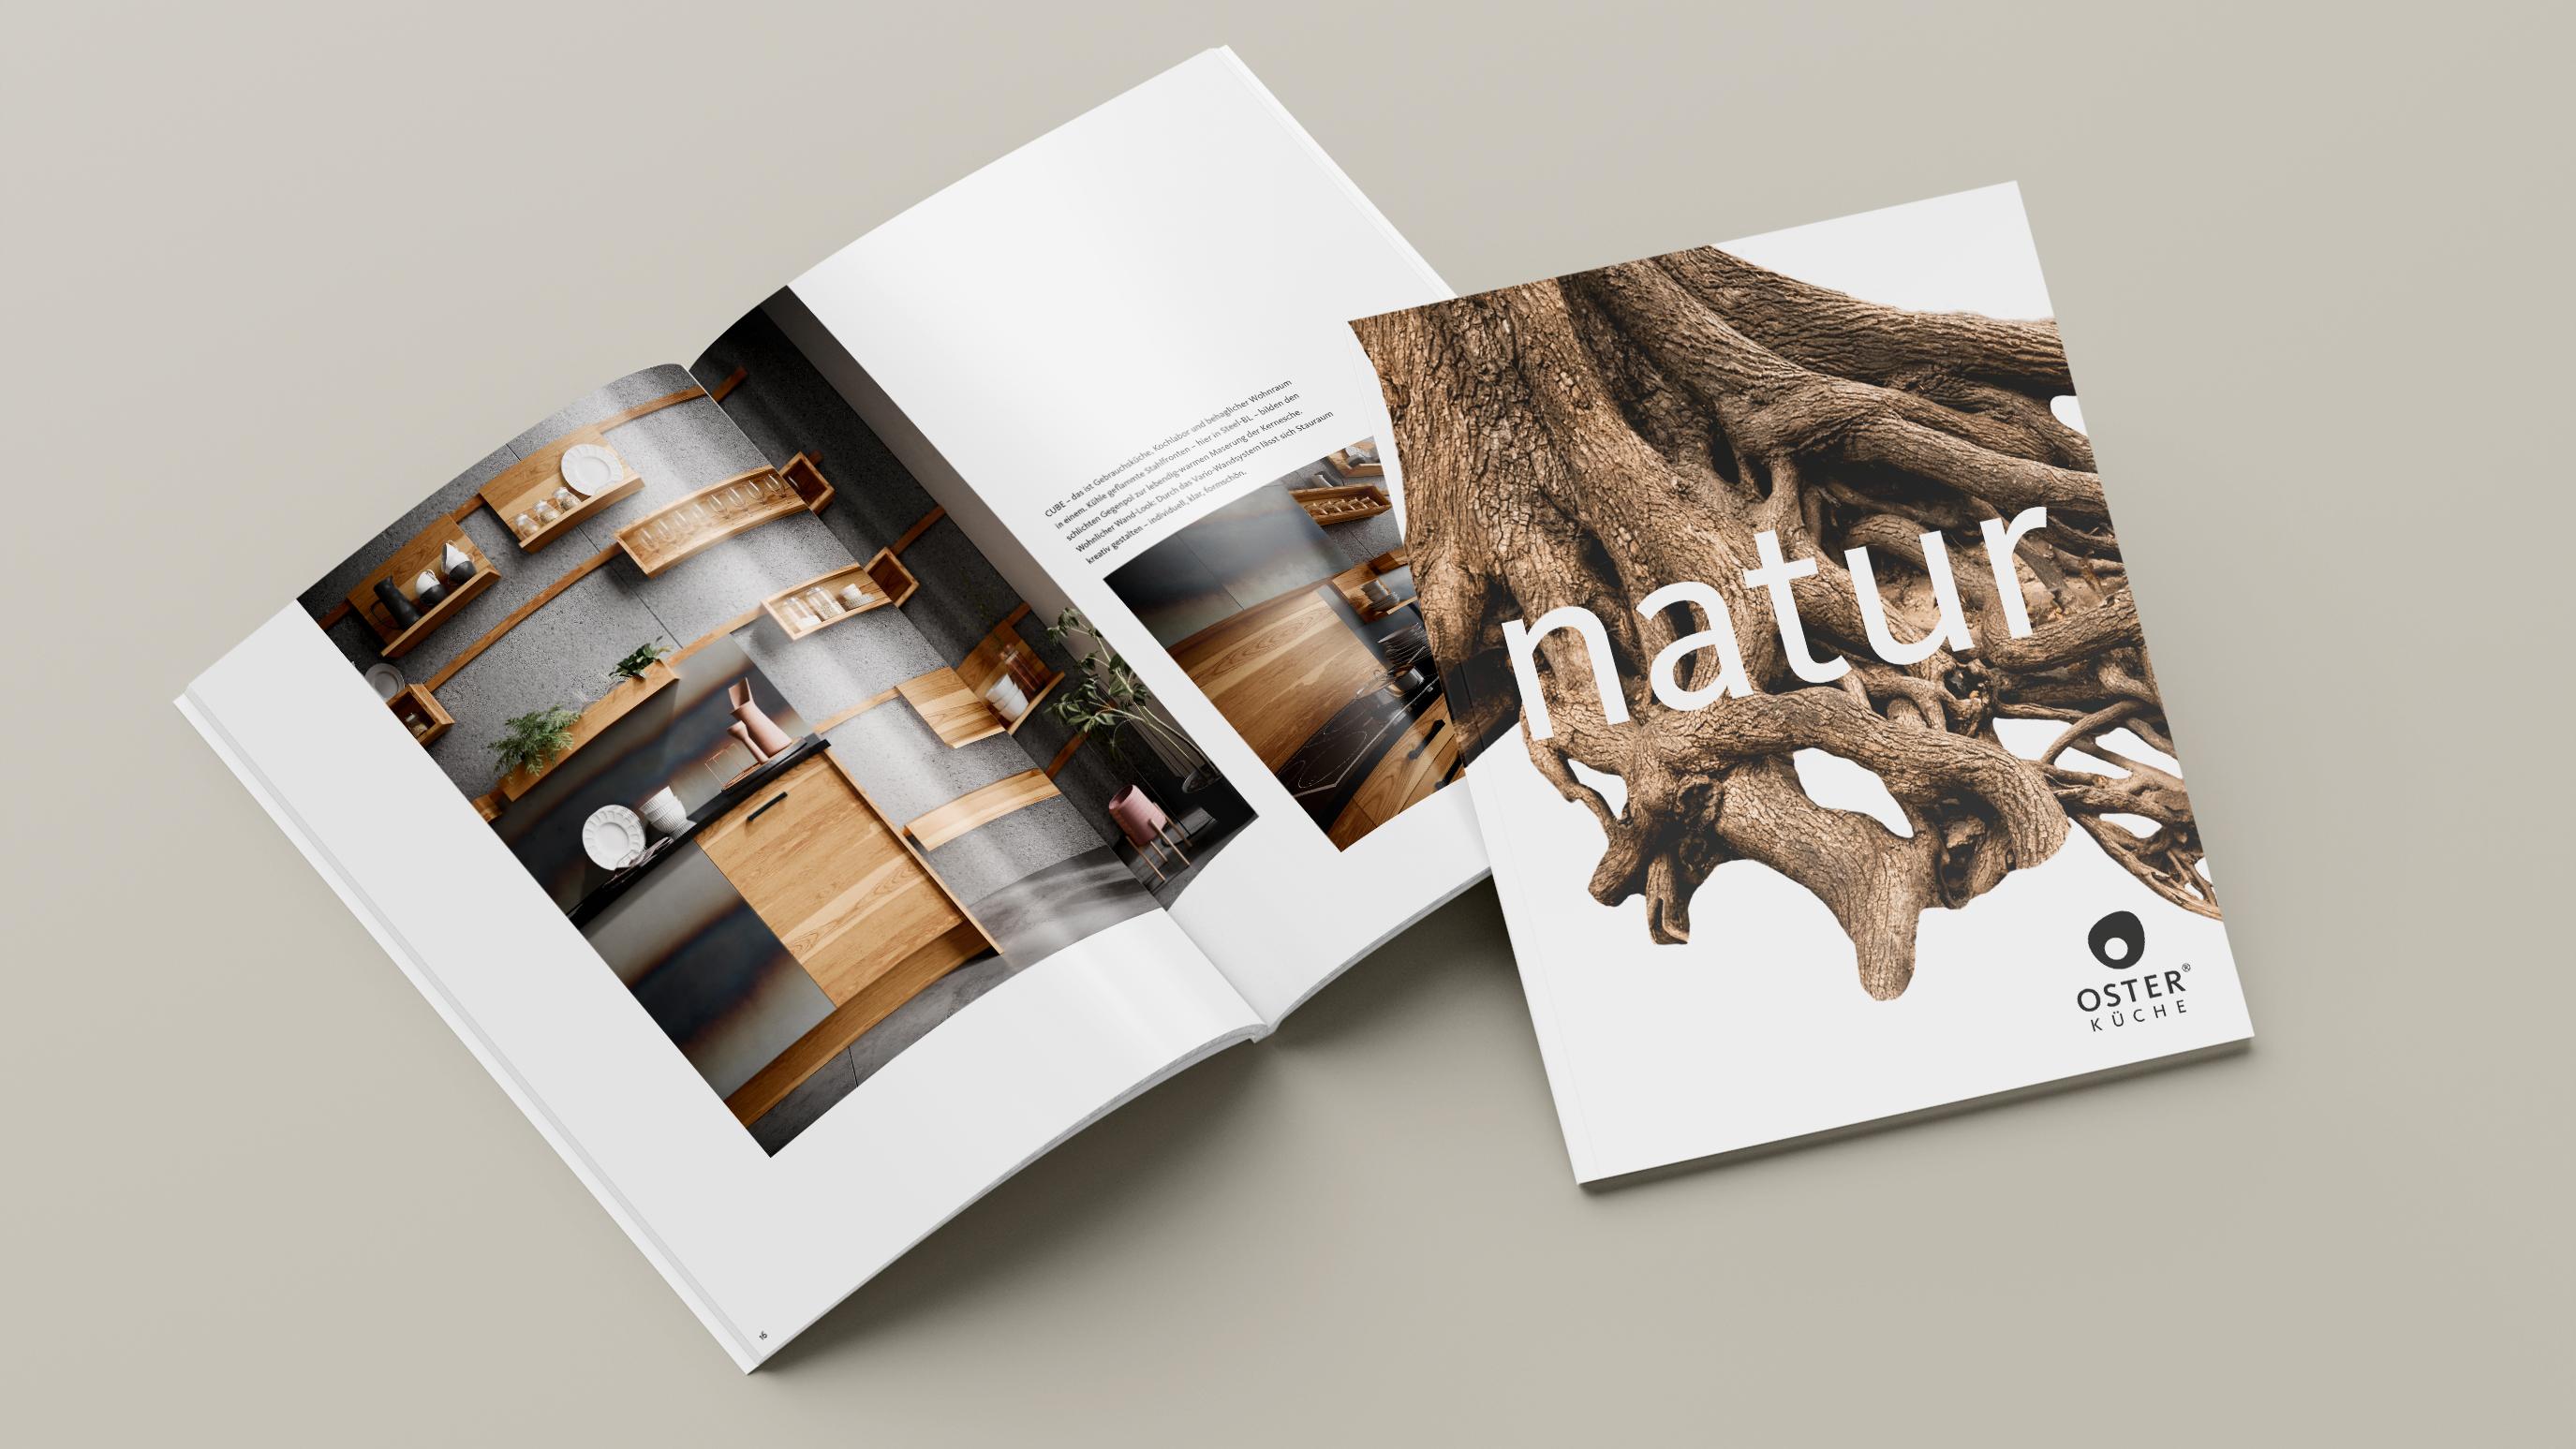 Katalog 2019 – Oster Küche